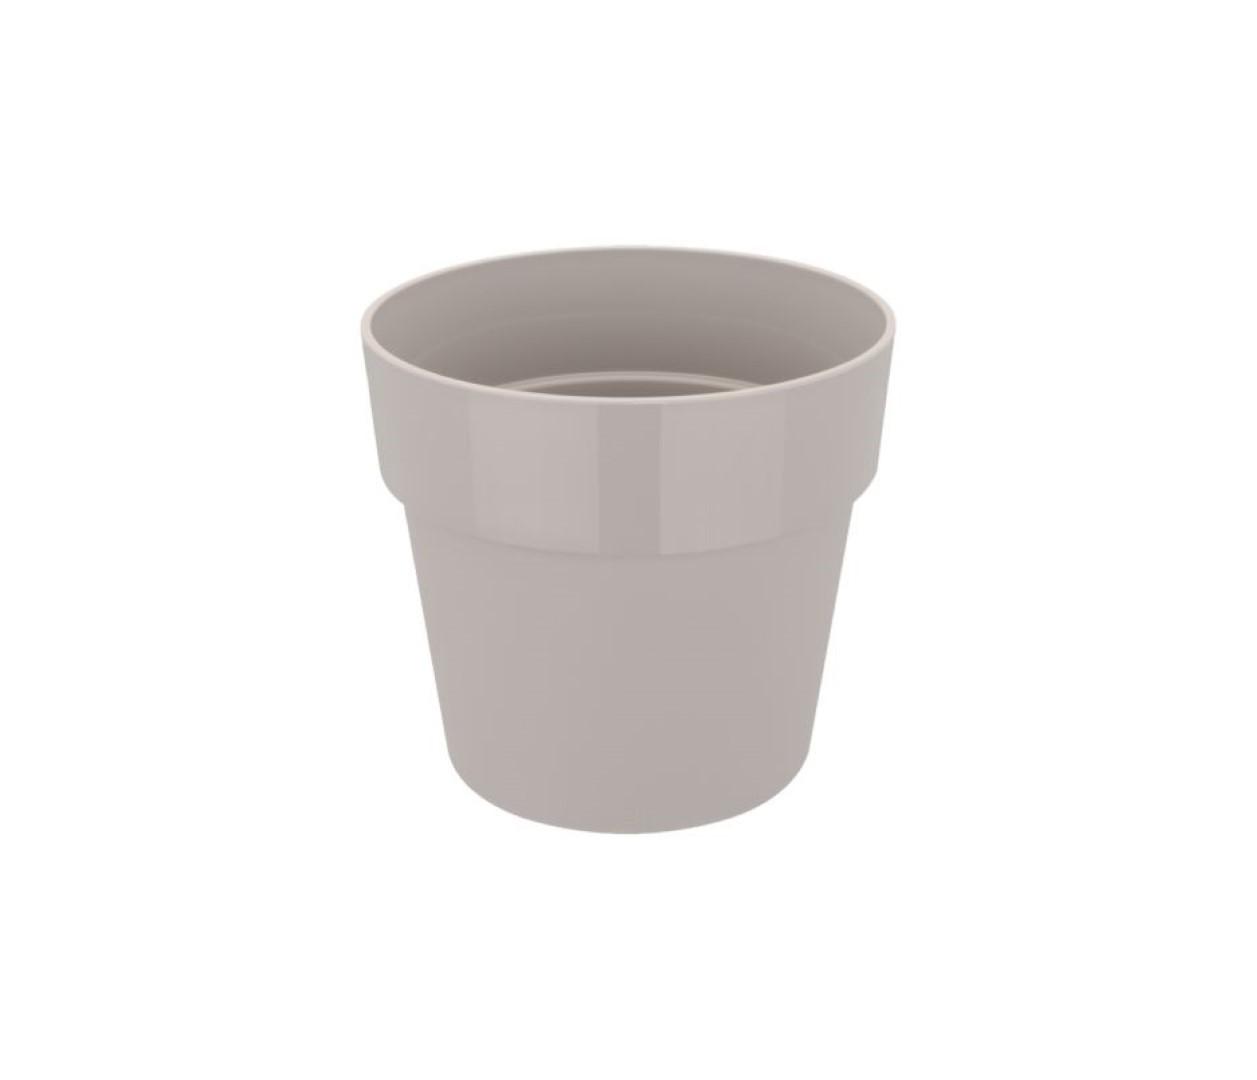 B.for original rond 30 bloempot warm grijs binnen dia. 29,5 x h 27,2 cm